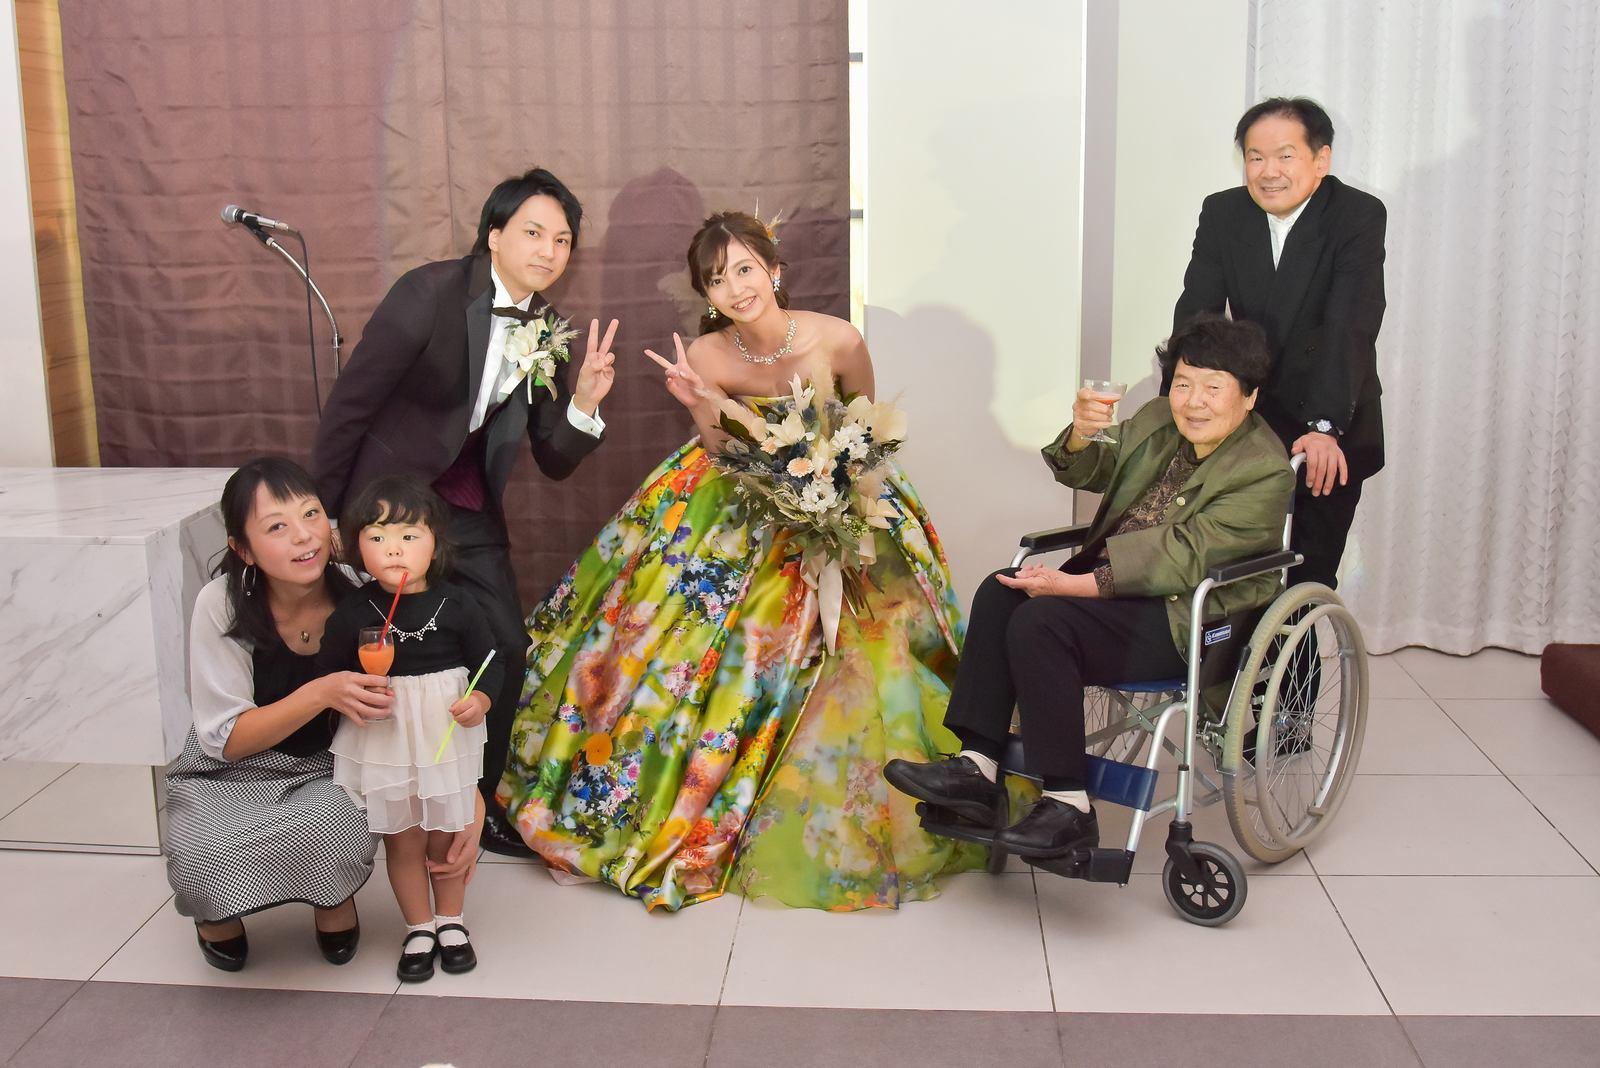 香川県の結婚式場シェルエメール&アイスタイル カクテルパフォーマンス